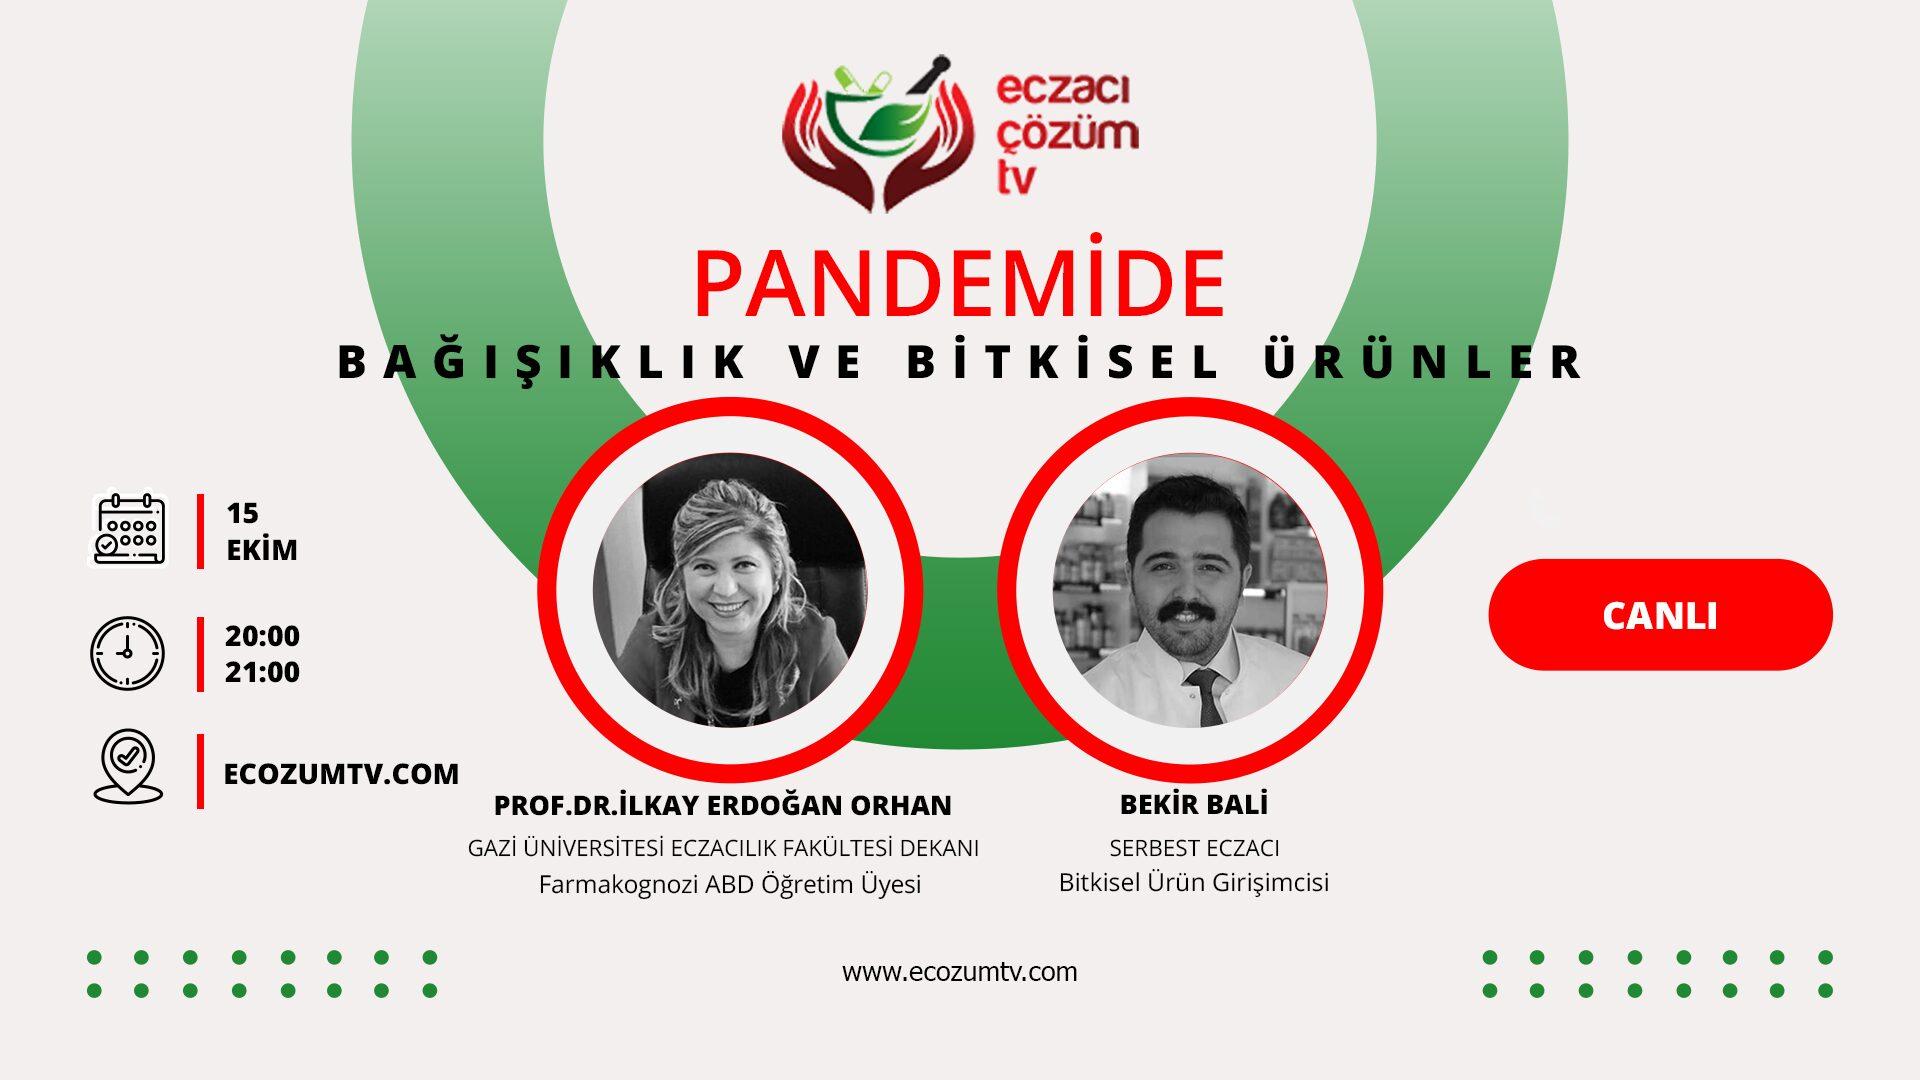 Pandemide Bağışıklık Ve Bitkisel Ürünler